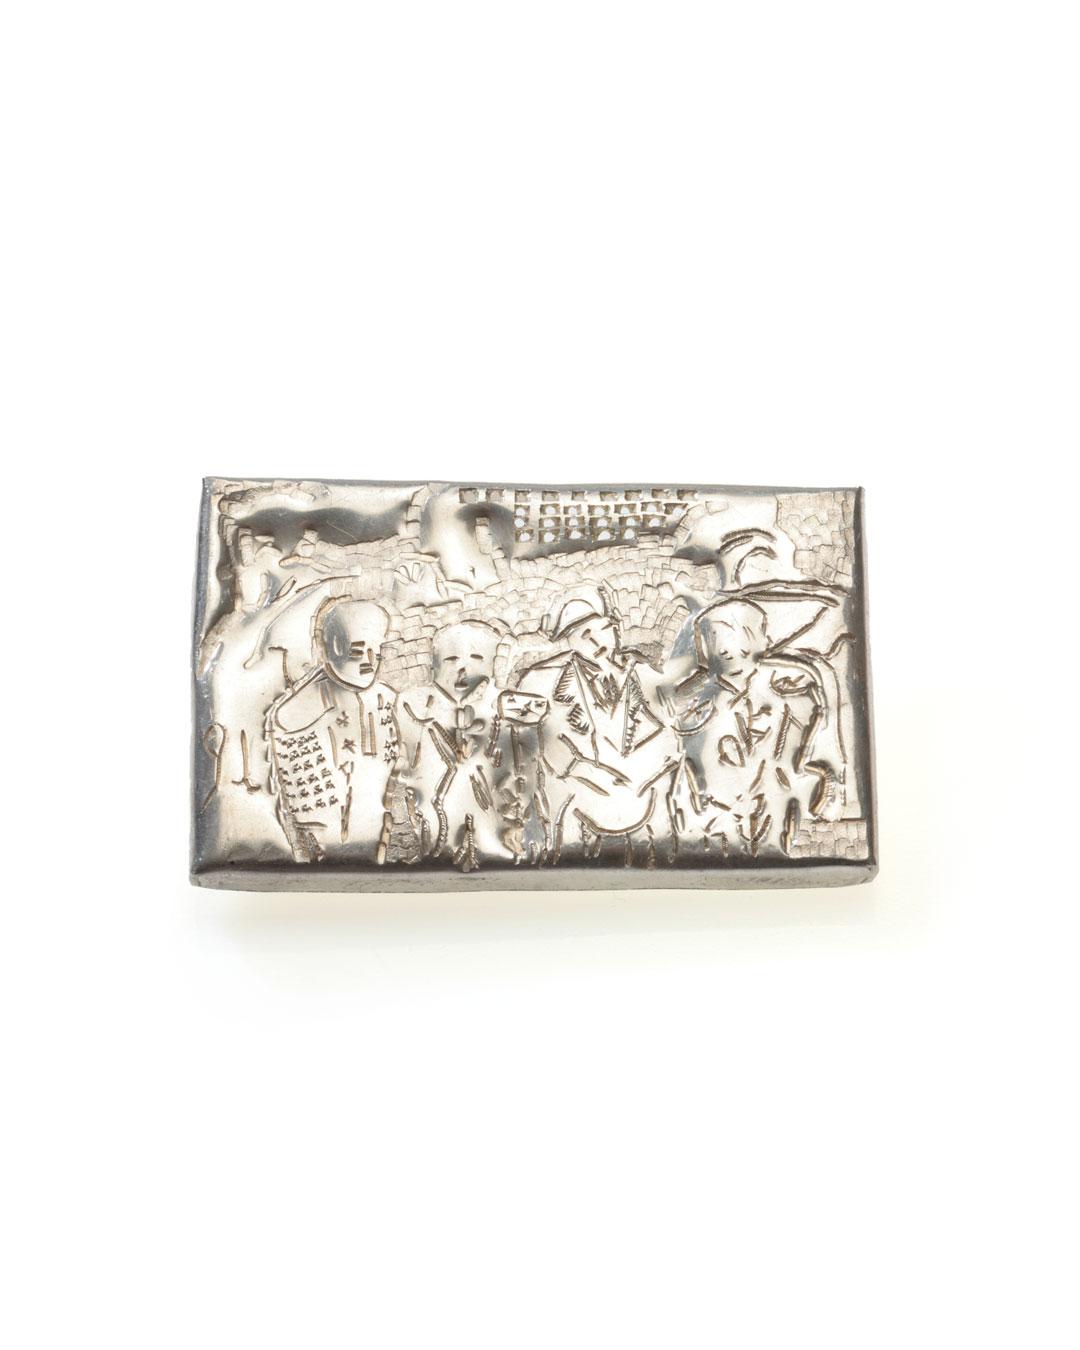 Rudolf Kocéa, Tenöre (Tenoren), 2012, broche; zilver, 50 x 80 x 6 mm, €1050